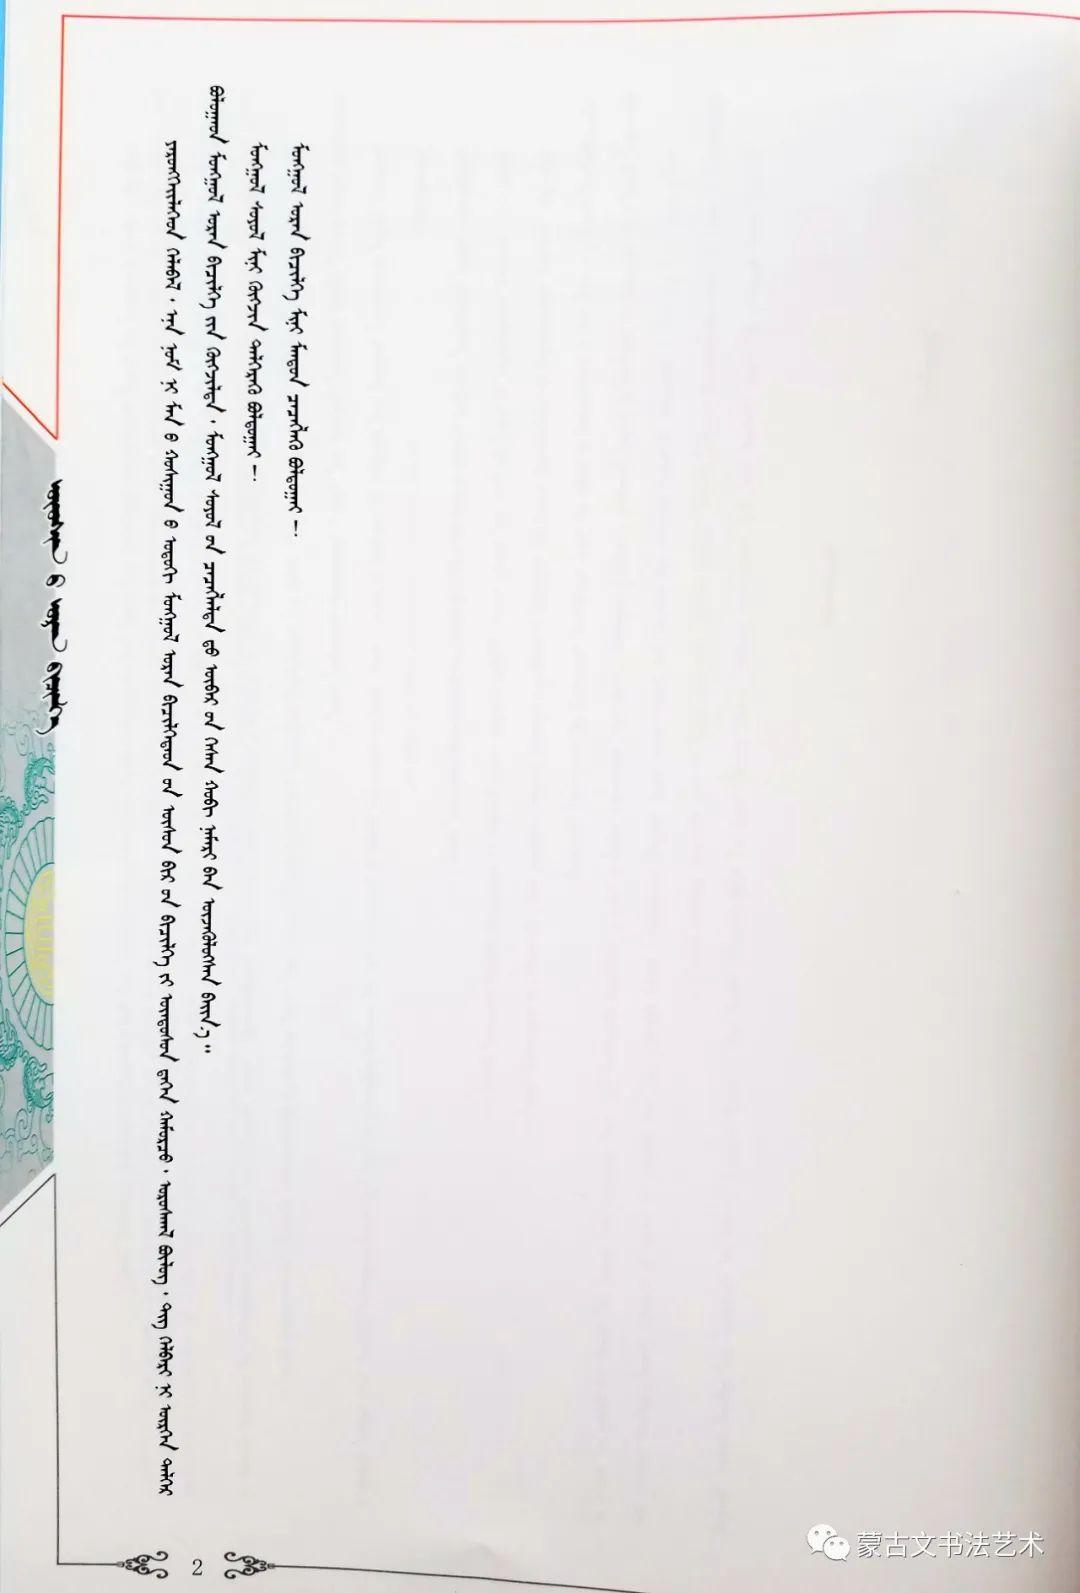 阿拉腾毕力格《乌审旗书法与篆刻精选》 第6张 阿拉腾毕力格《乌审旗书法与篆刻精选》 蒙古书法